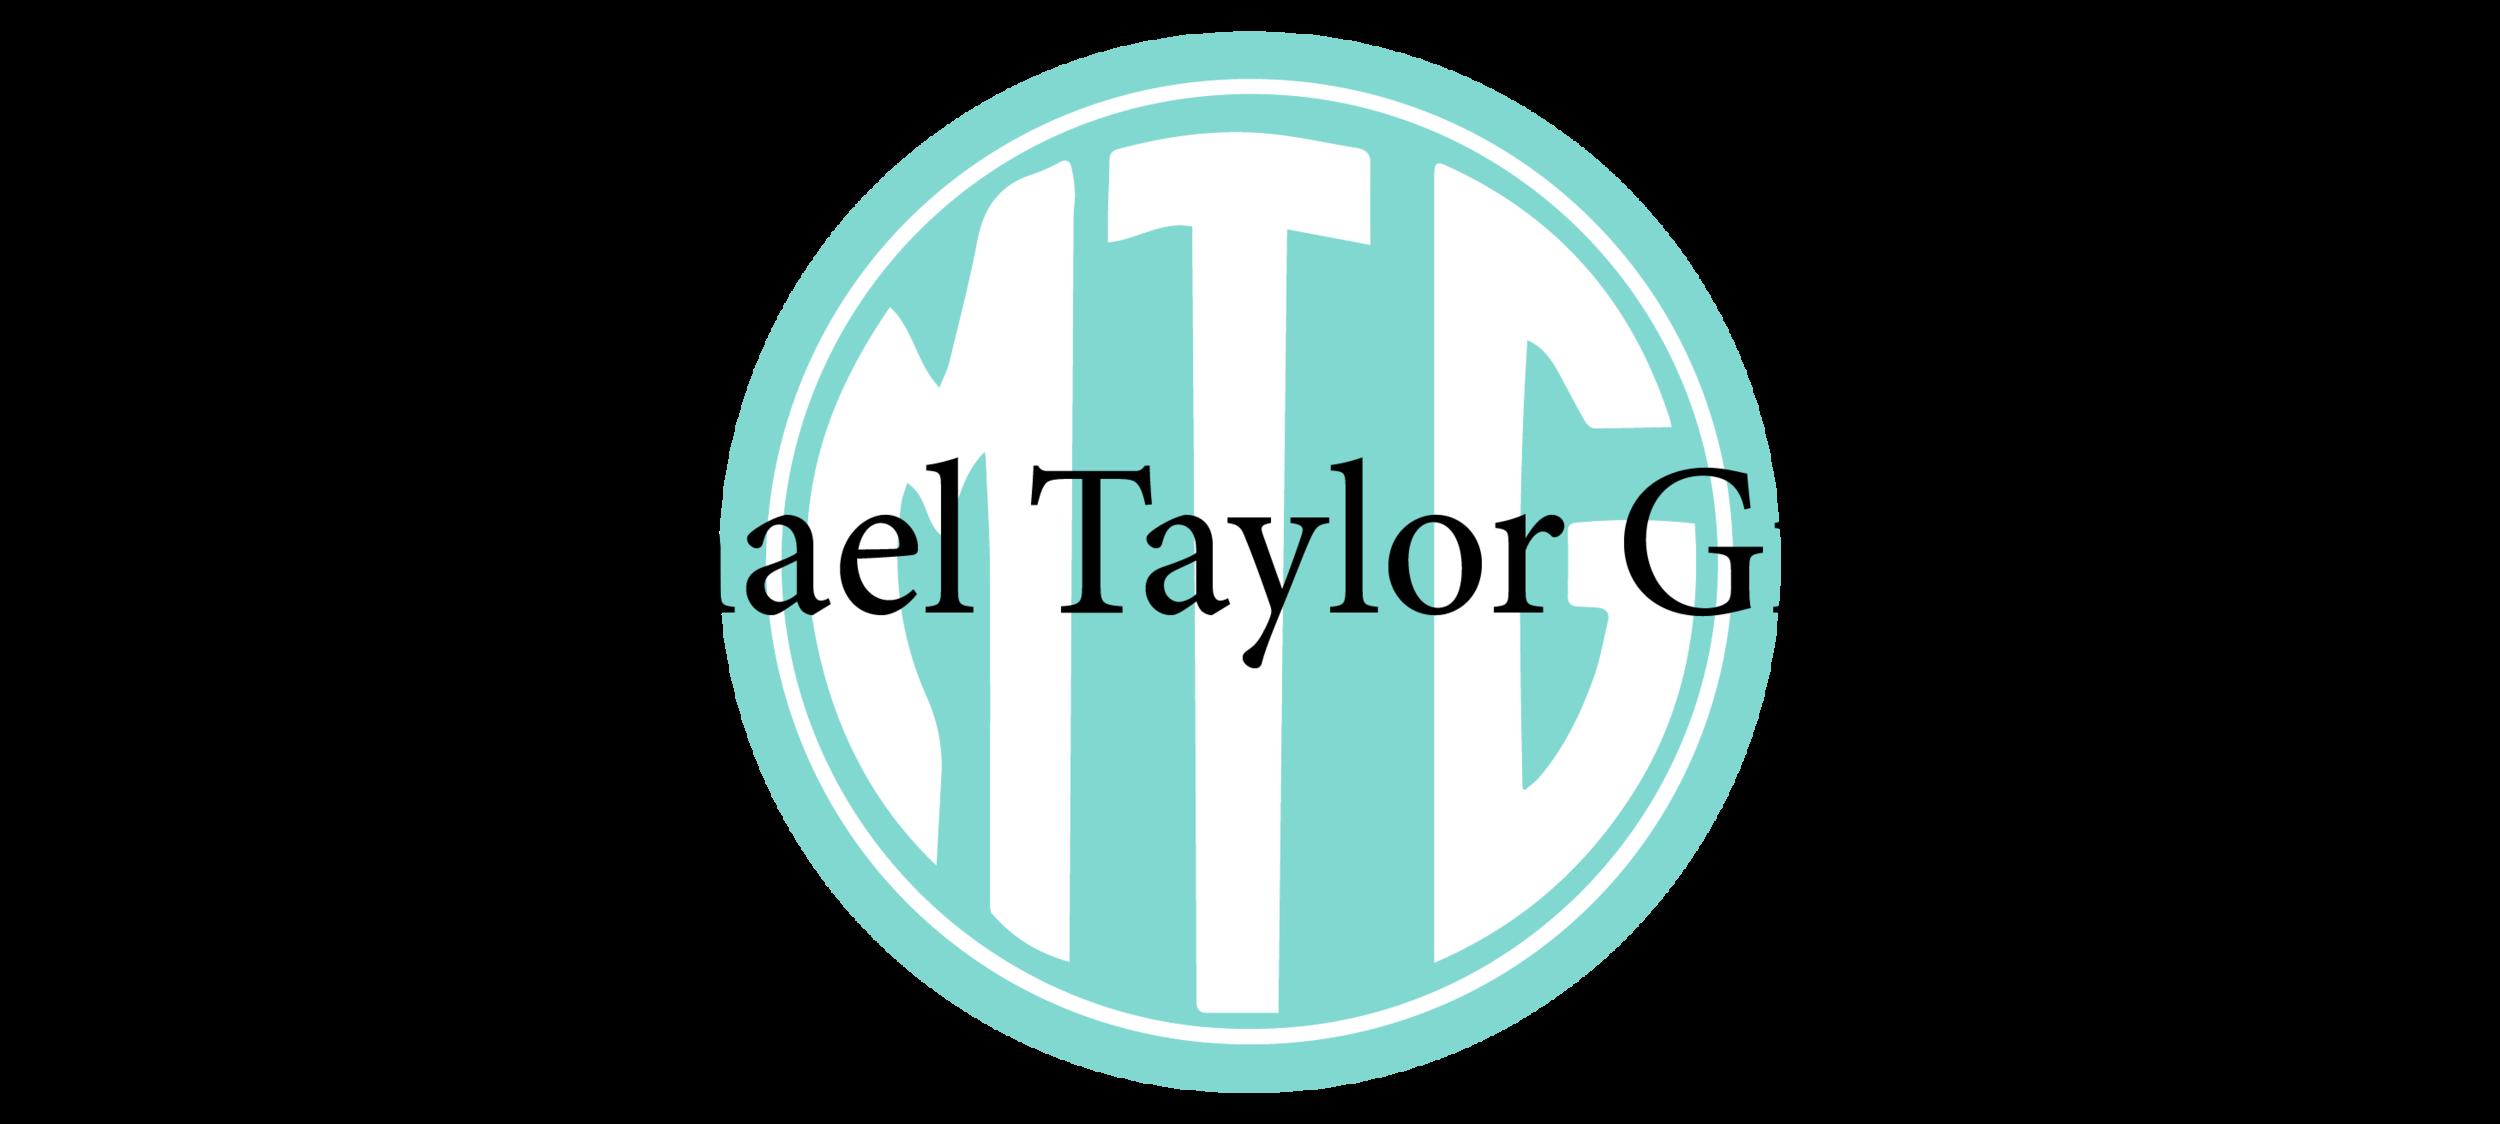 MTG-Text-Transparent-01.png